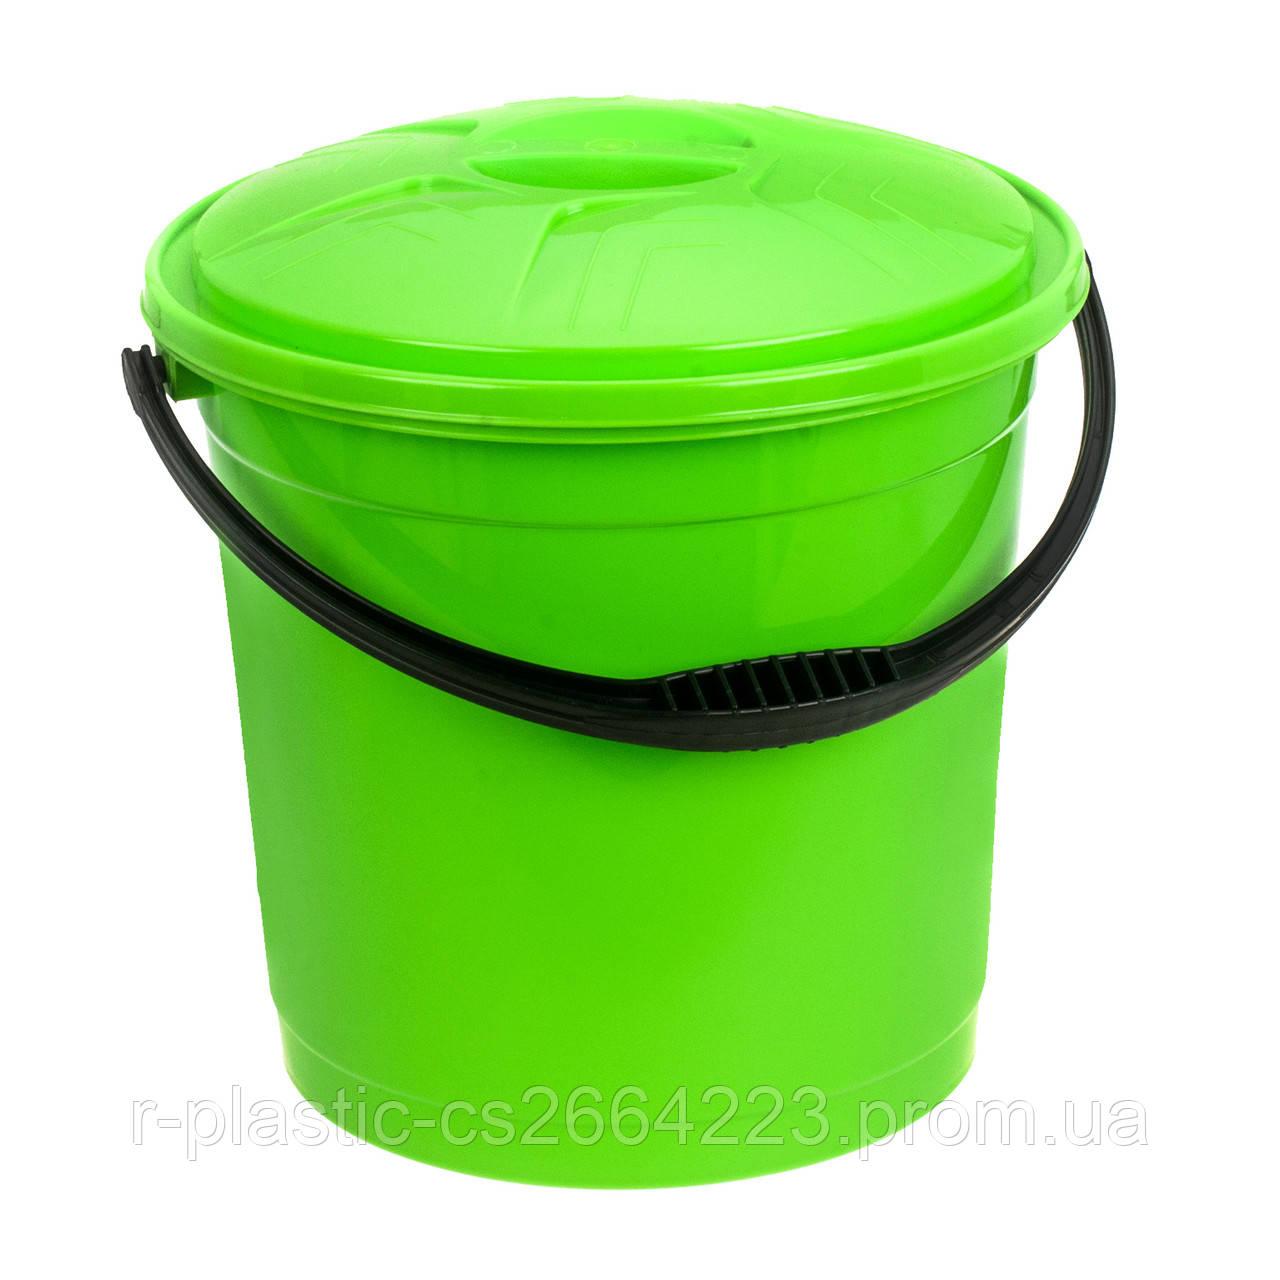 Відро кольорове з кришкою 15л R-Plastic салатова